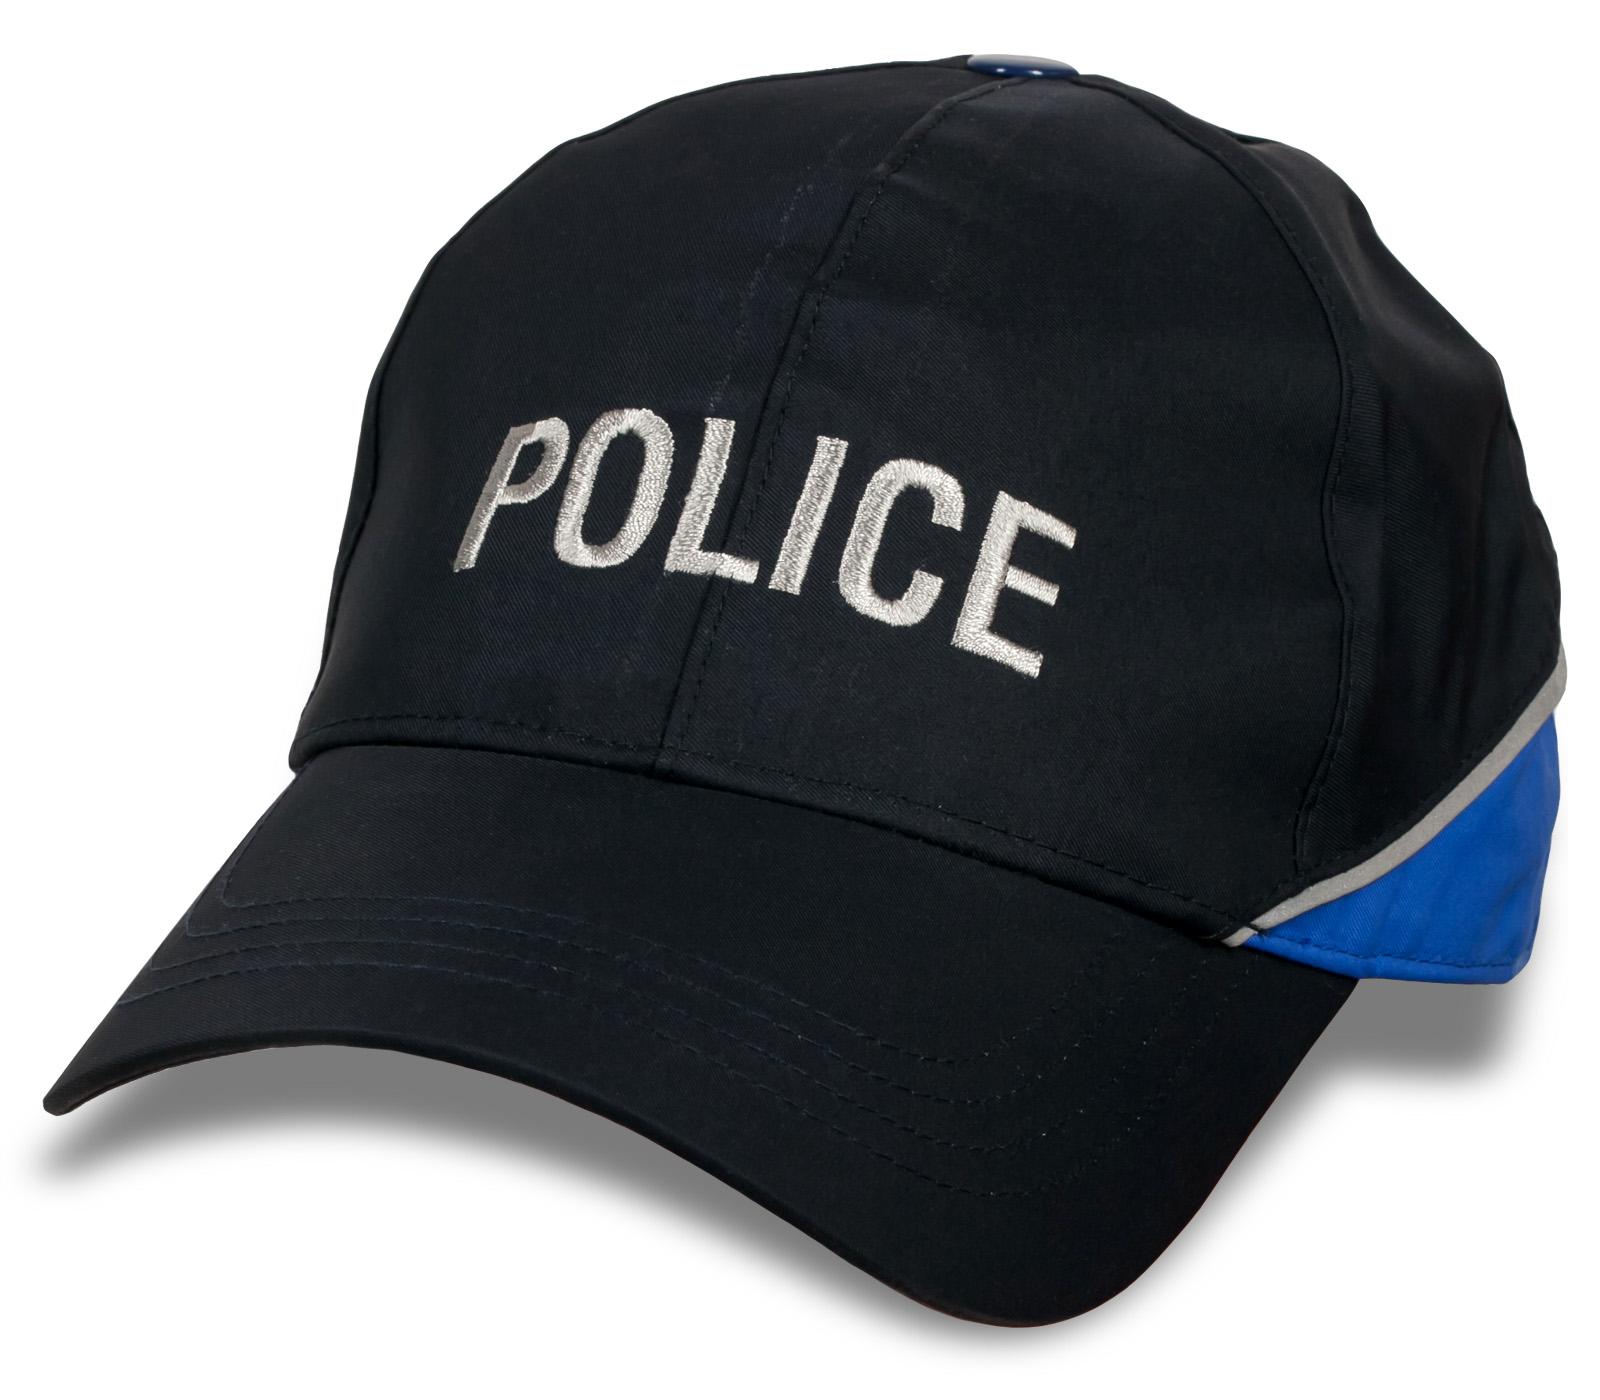 Оригинальная кепка с надписью Police